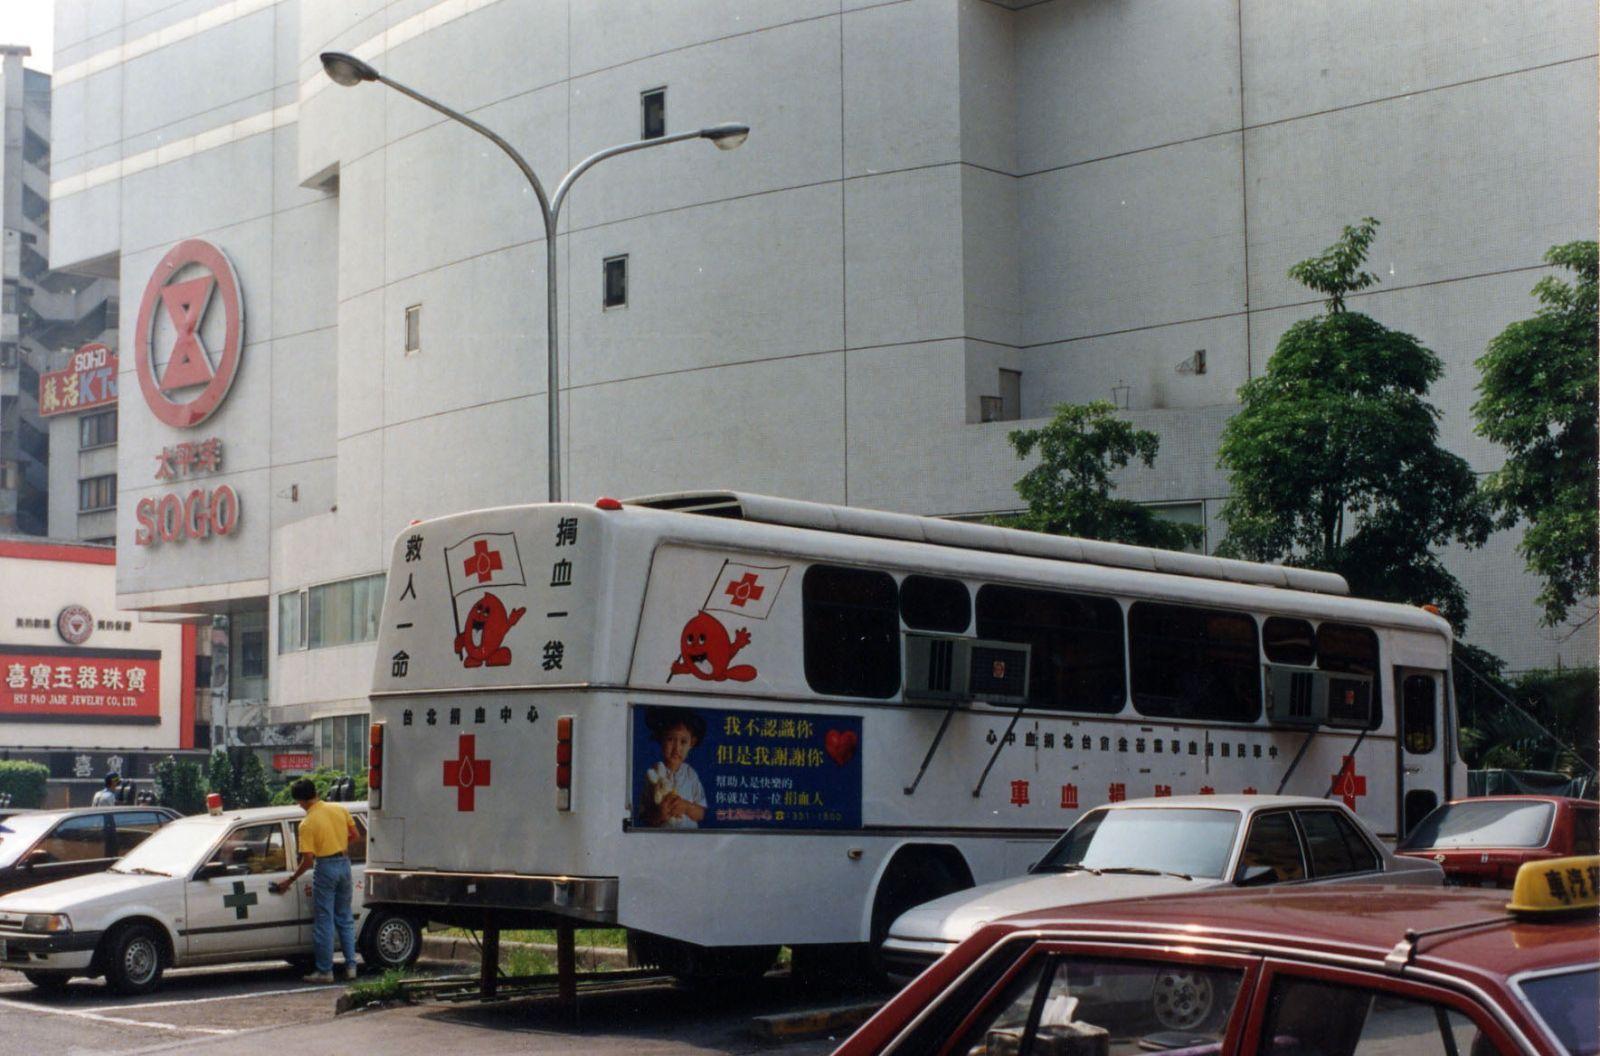 東區捐血車2